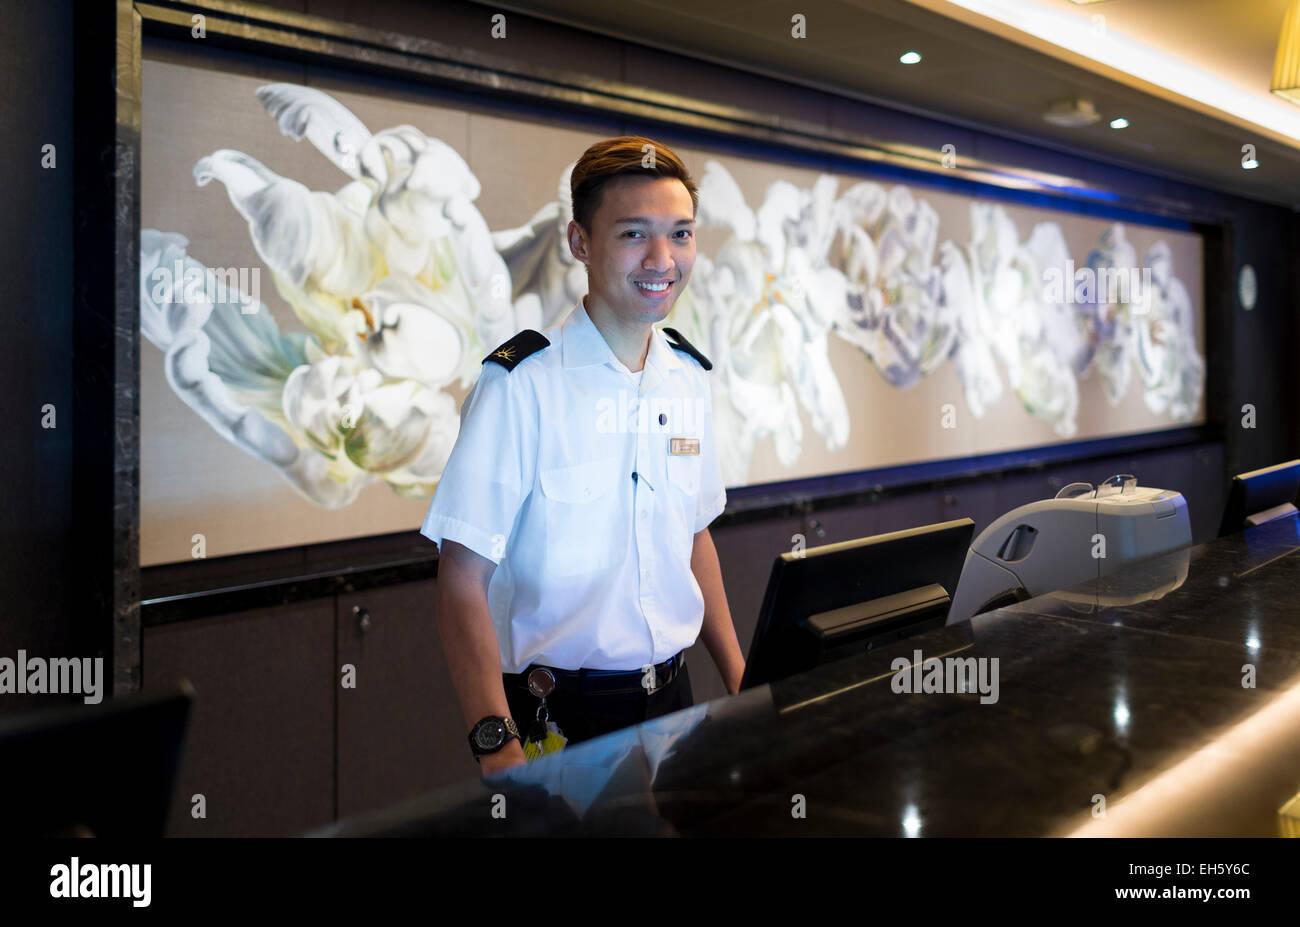 Un membro dell' equipaggio presso il banco informazioni a bordo di P & O Cruises nave più recente, Immagini Stock